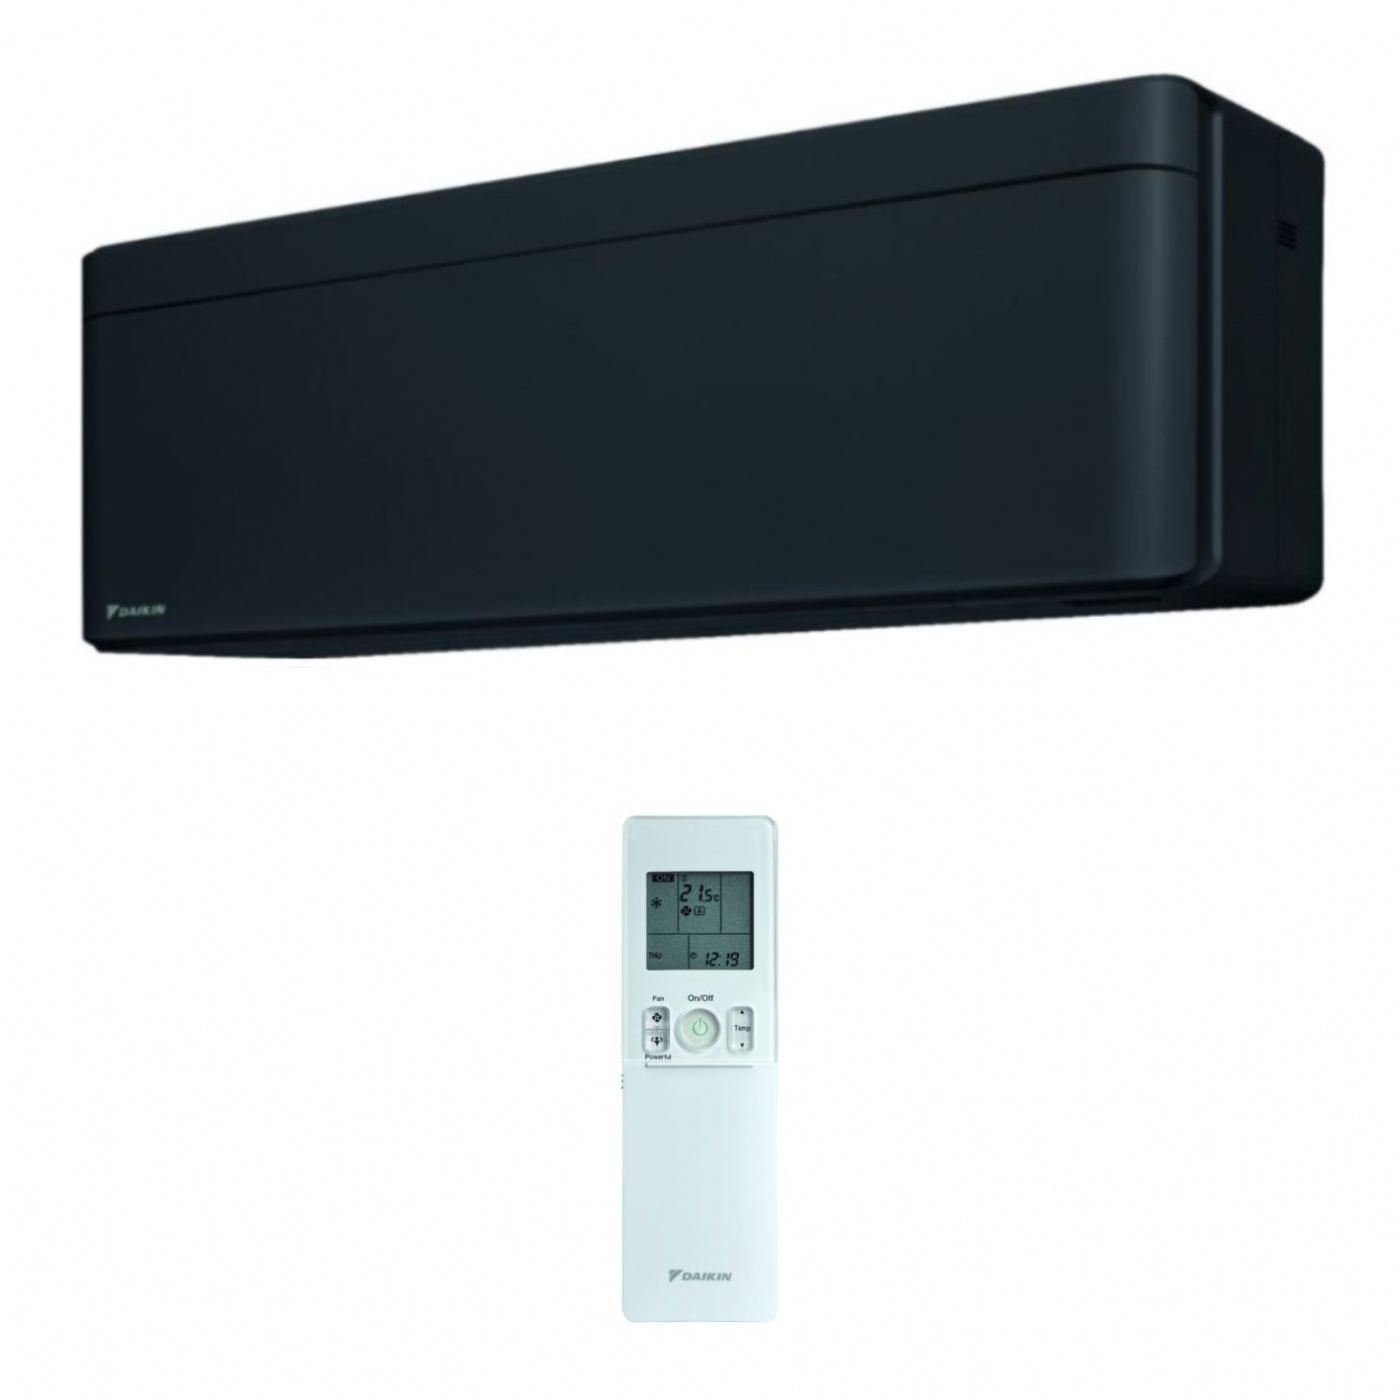 Daikin Klima Uređaj Ftxa20bb 2kw Crna Unutarnja Zidna Jedinica Za Multi